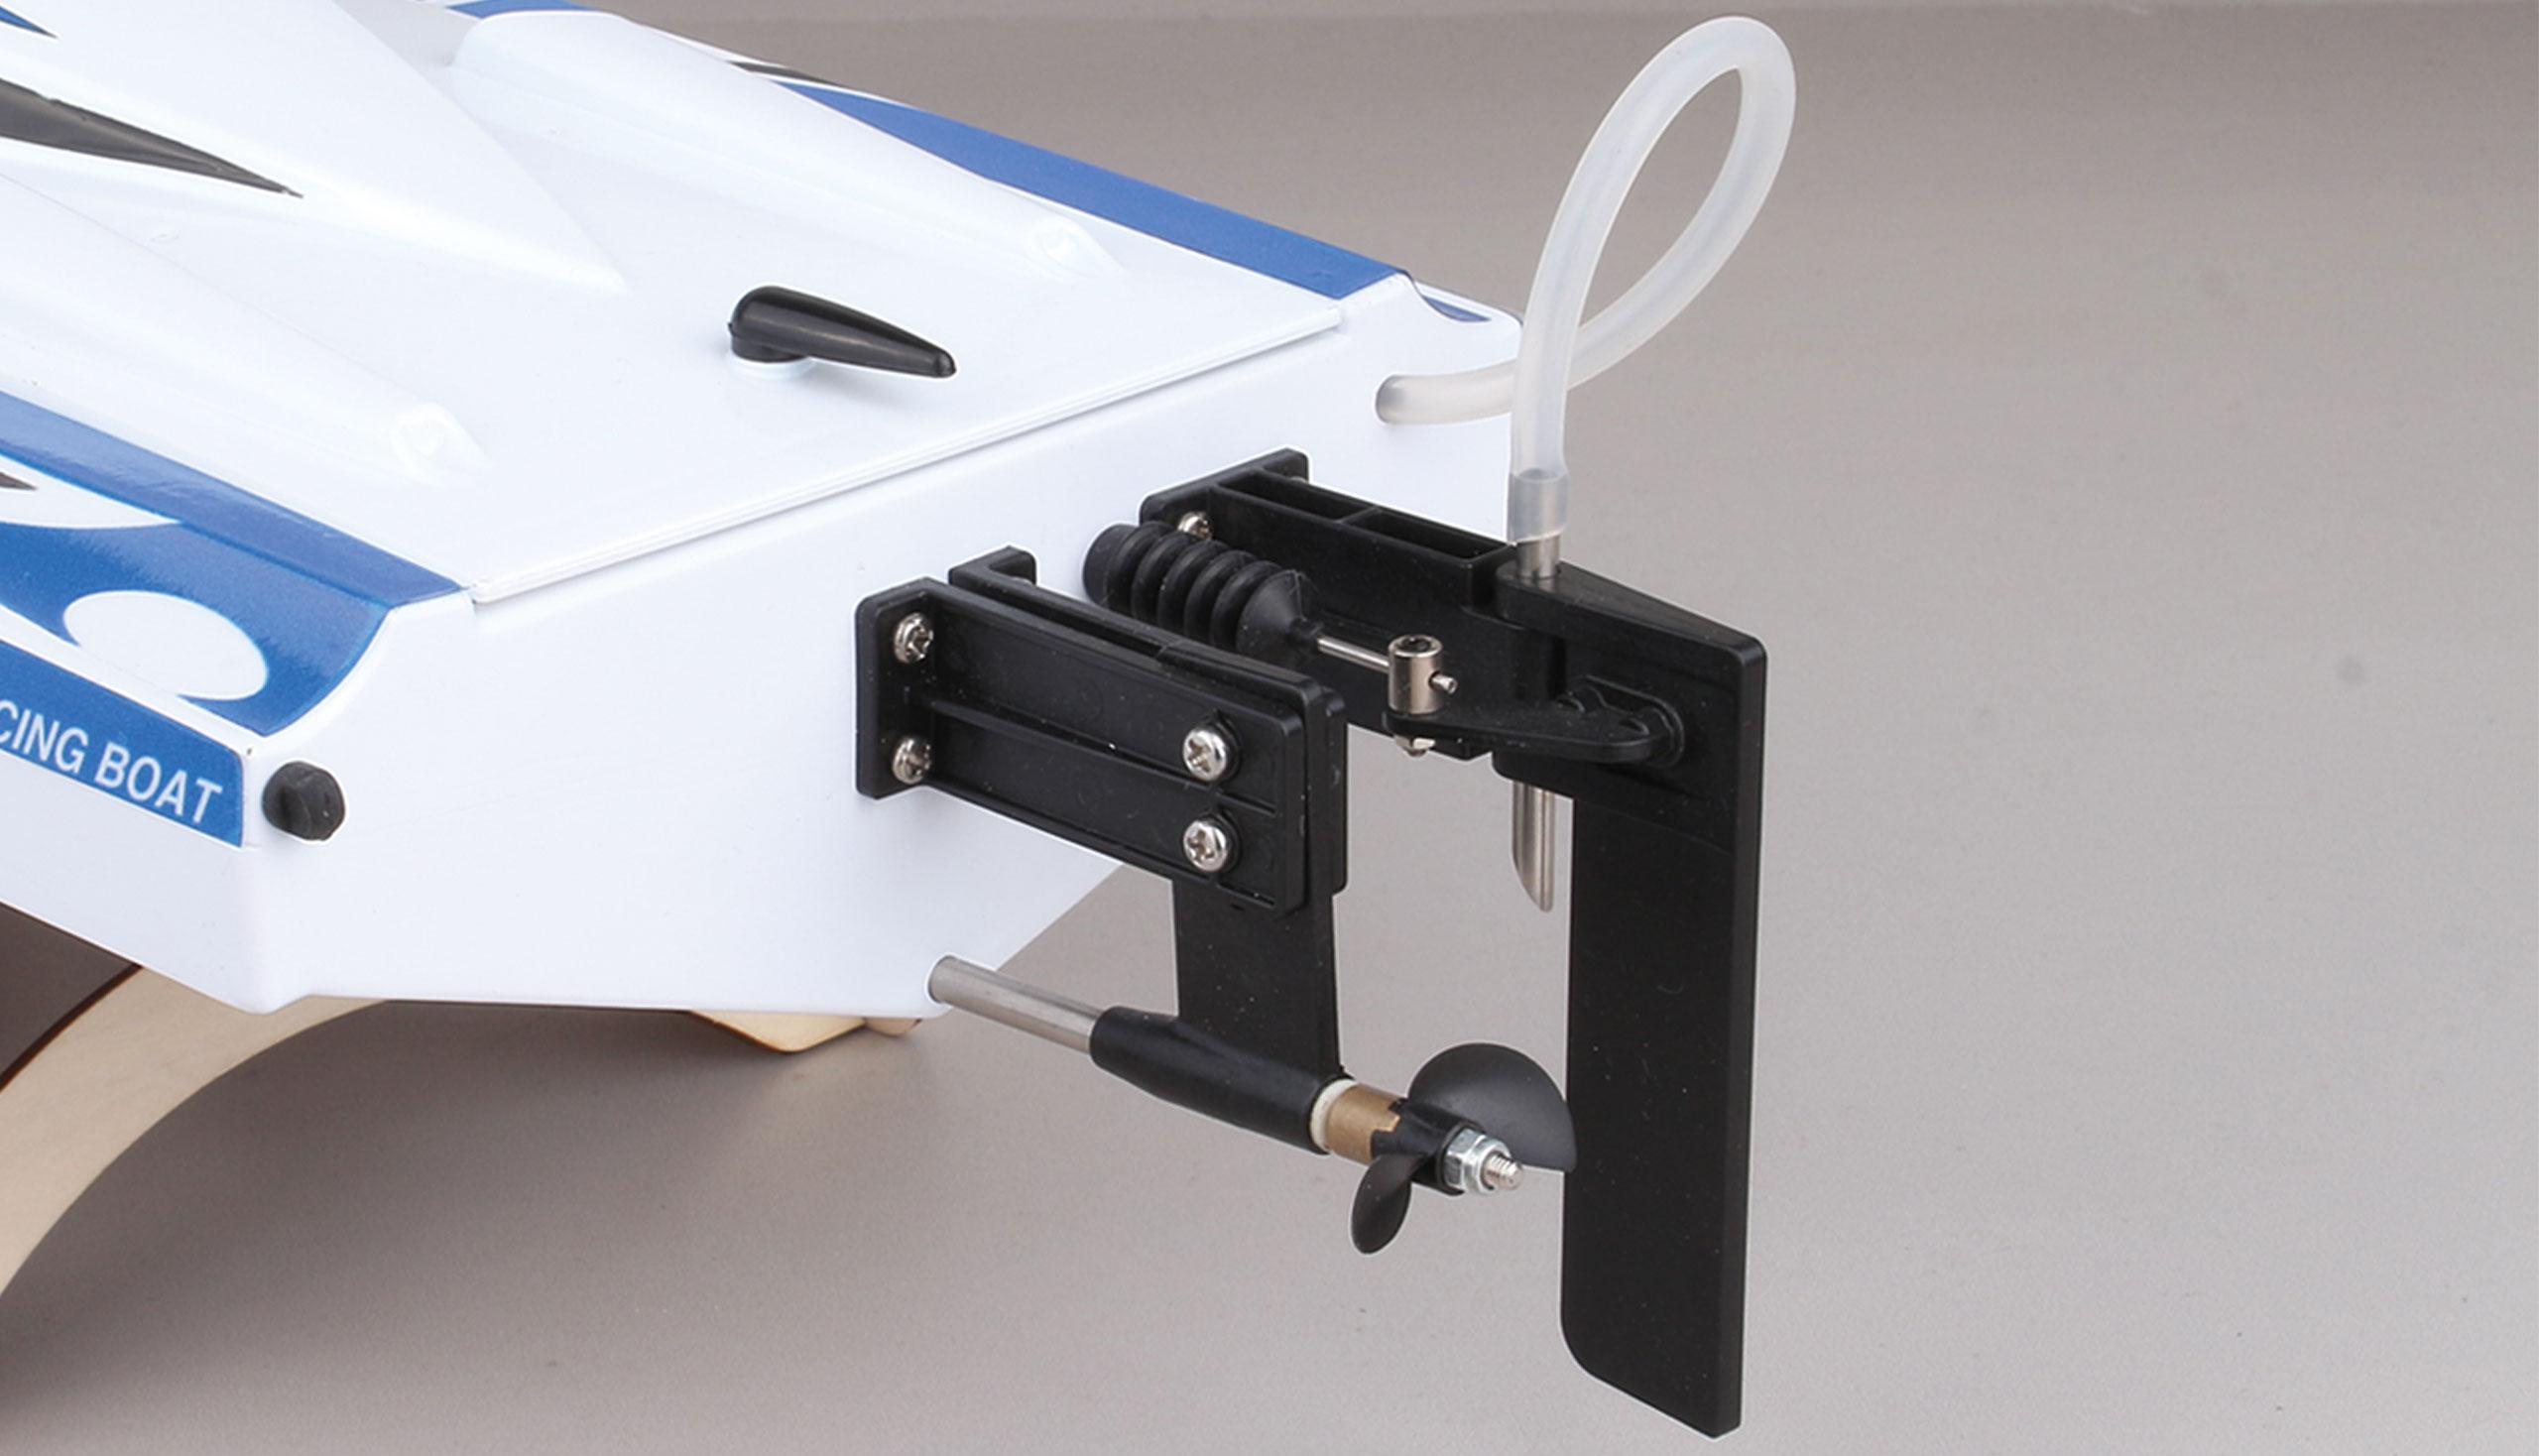 BLADE RC BOAT MONO, proporcionální, 40 km/h, vodní chlazení, RTR, 67 cm!